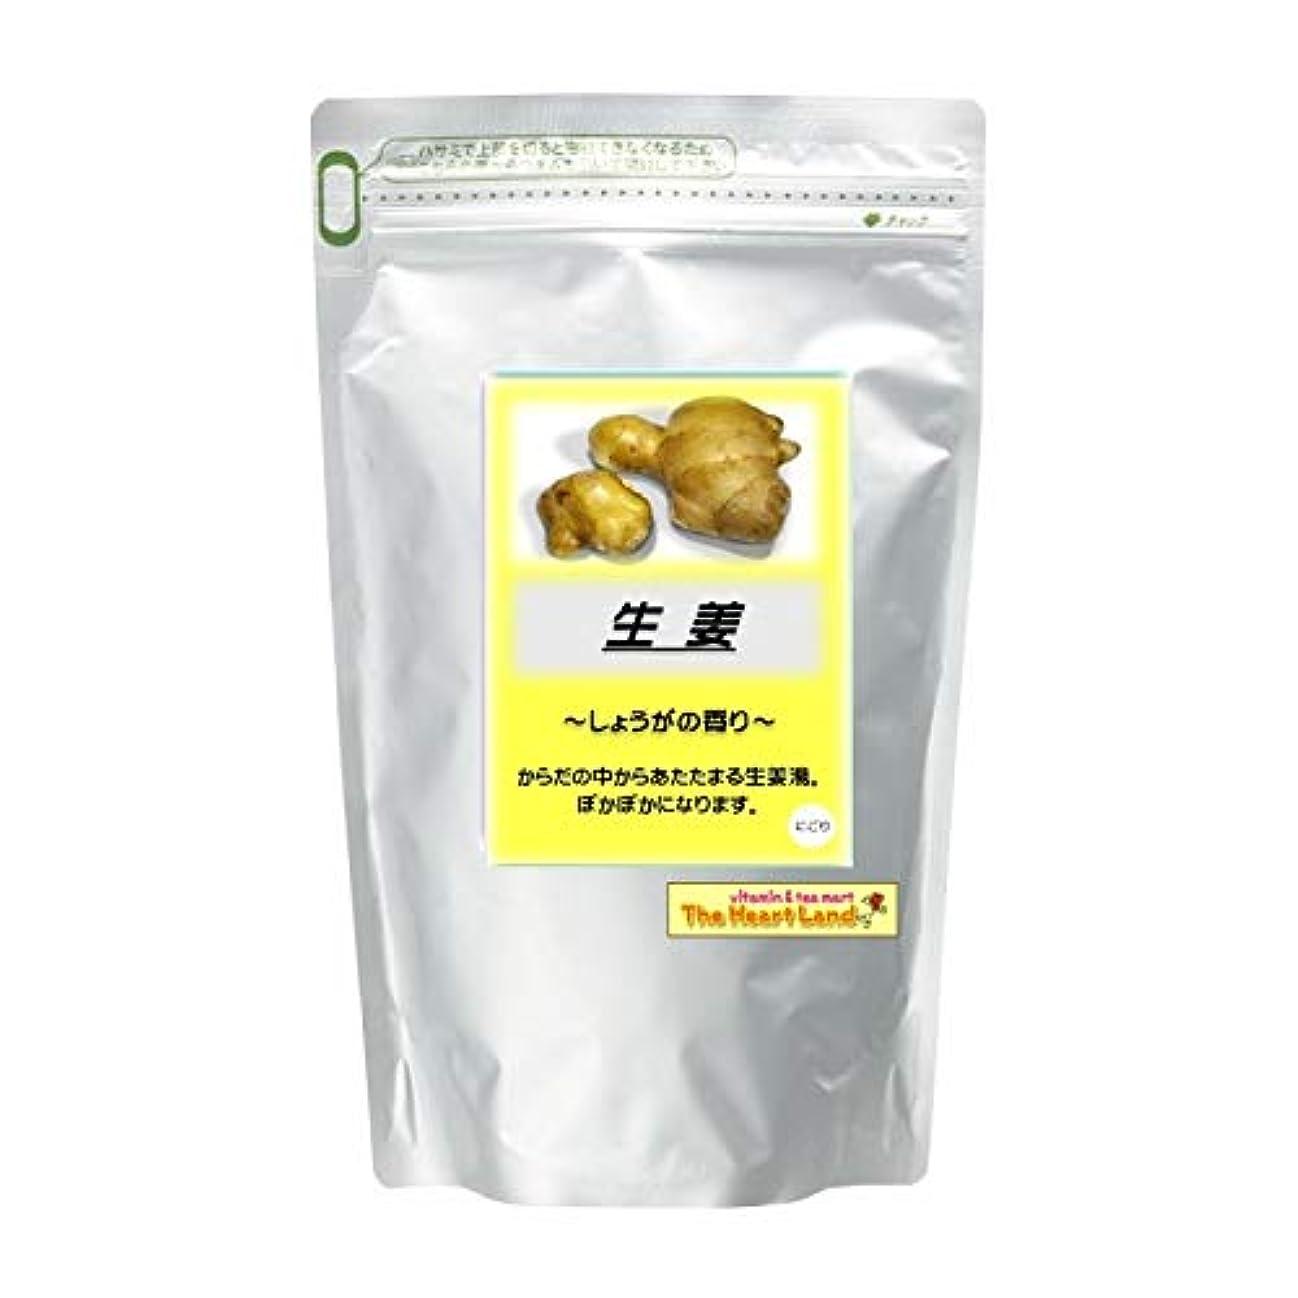 オーラルかき混ぜる事アサヒ入浴剤 浴用入浴化粧品 生姜 2.5kg